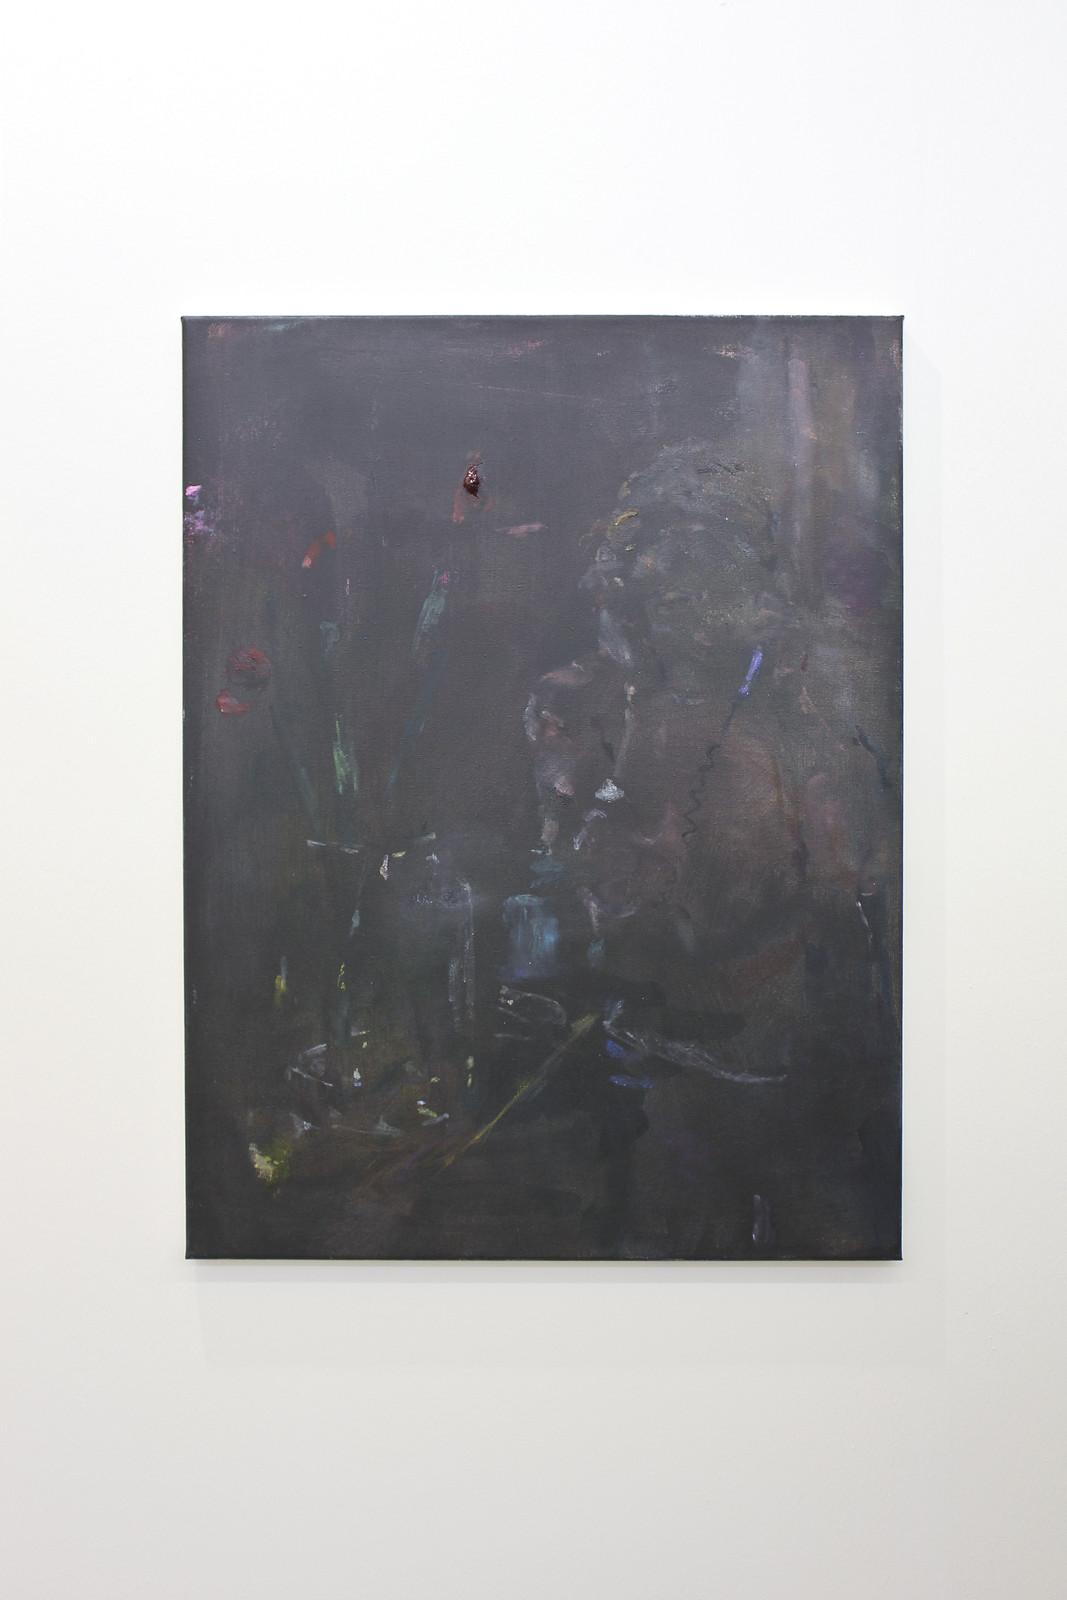 Maaike Schoorel at Stigter Van Doesburg, Amsterdam 01